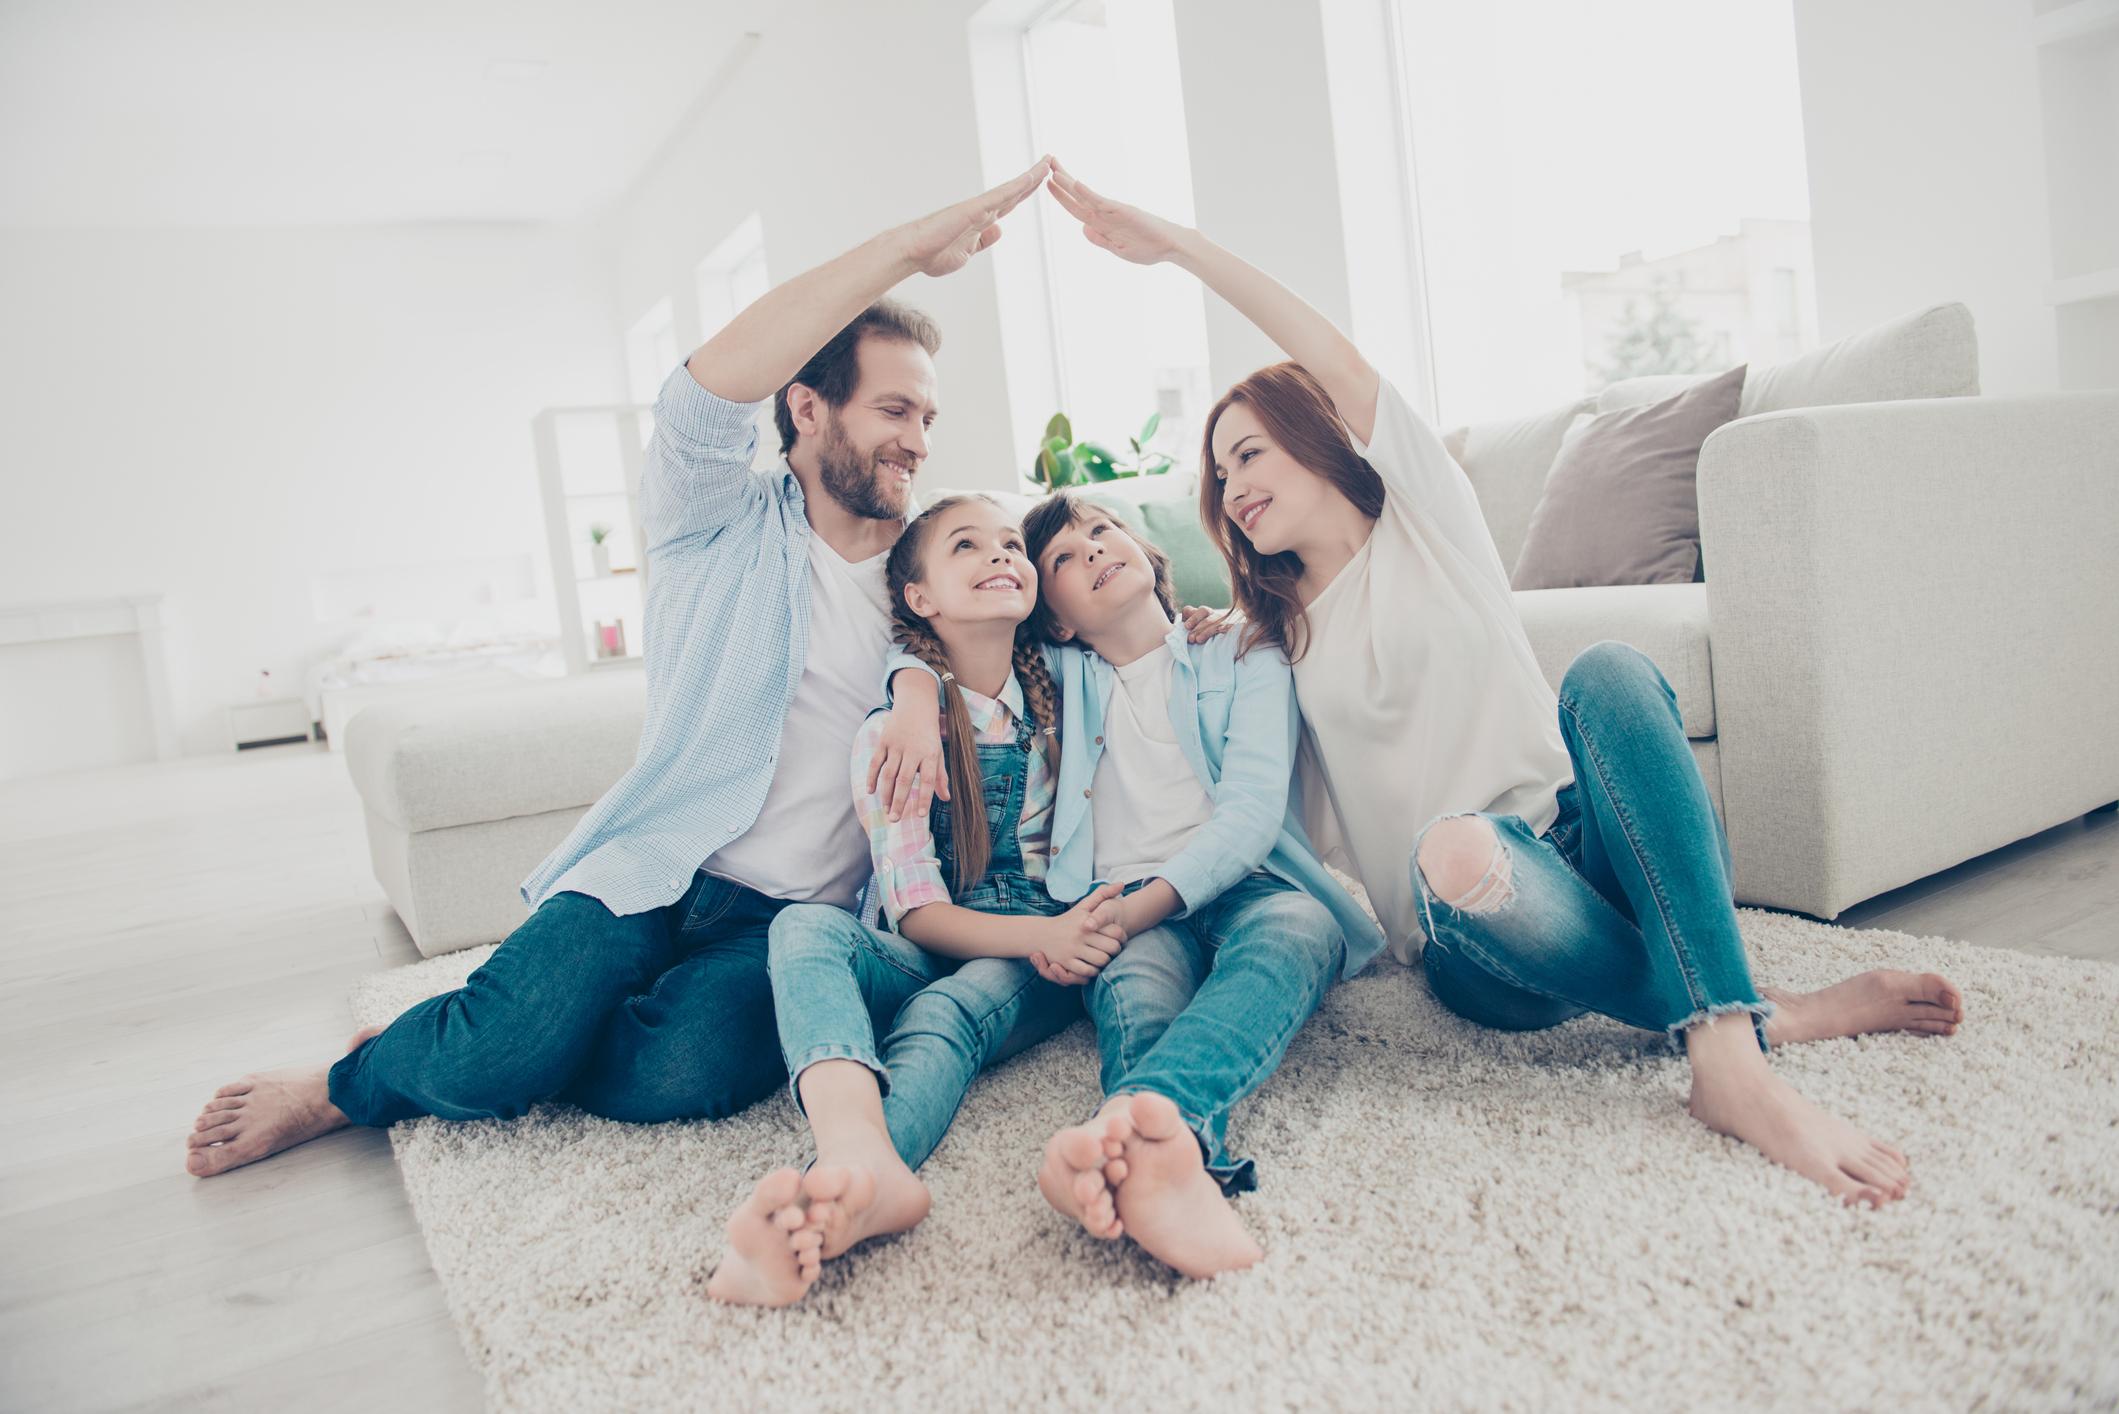 misure per famiglie e lavoratori